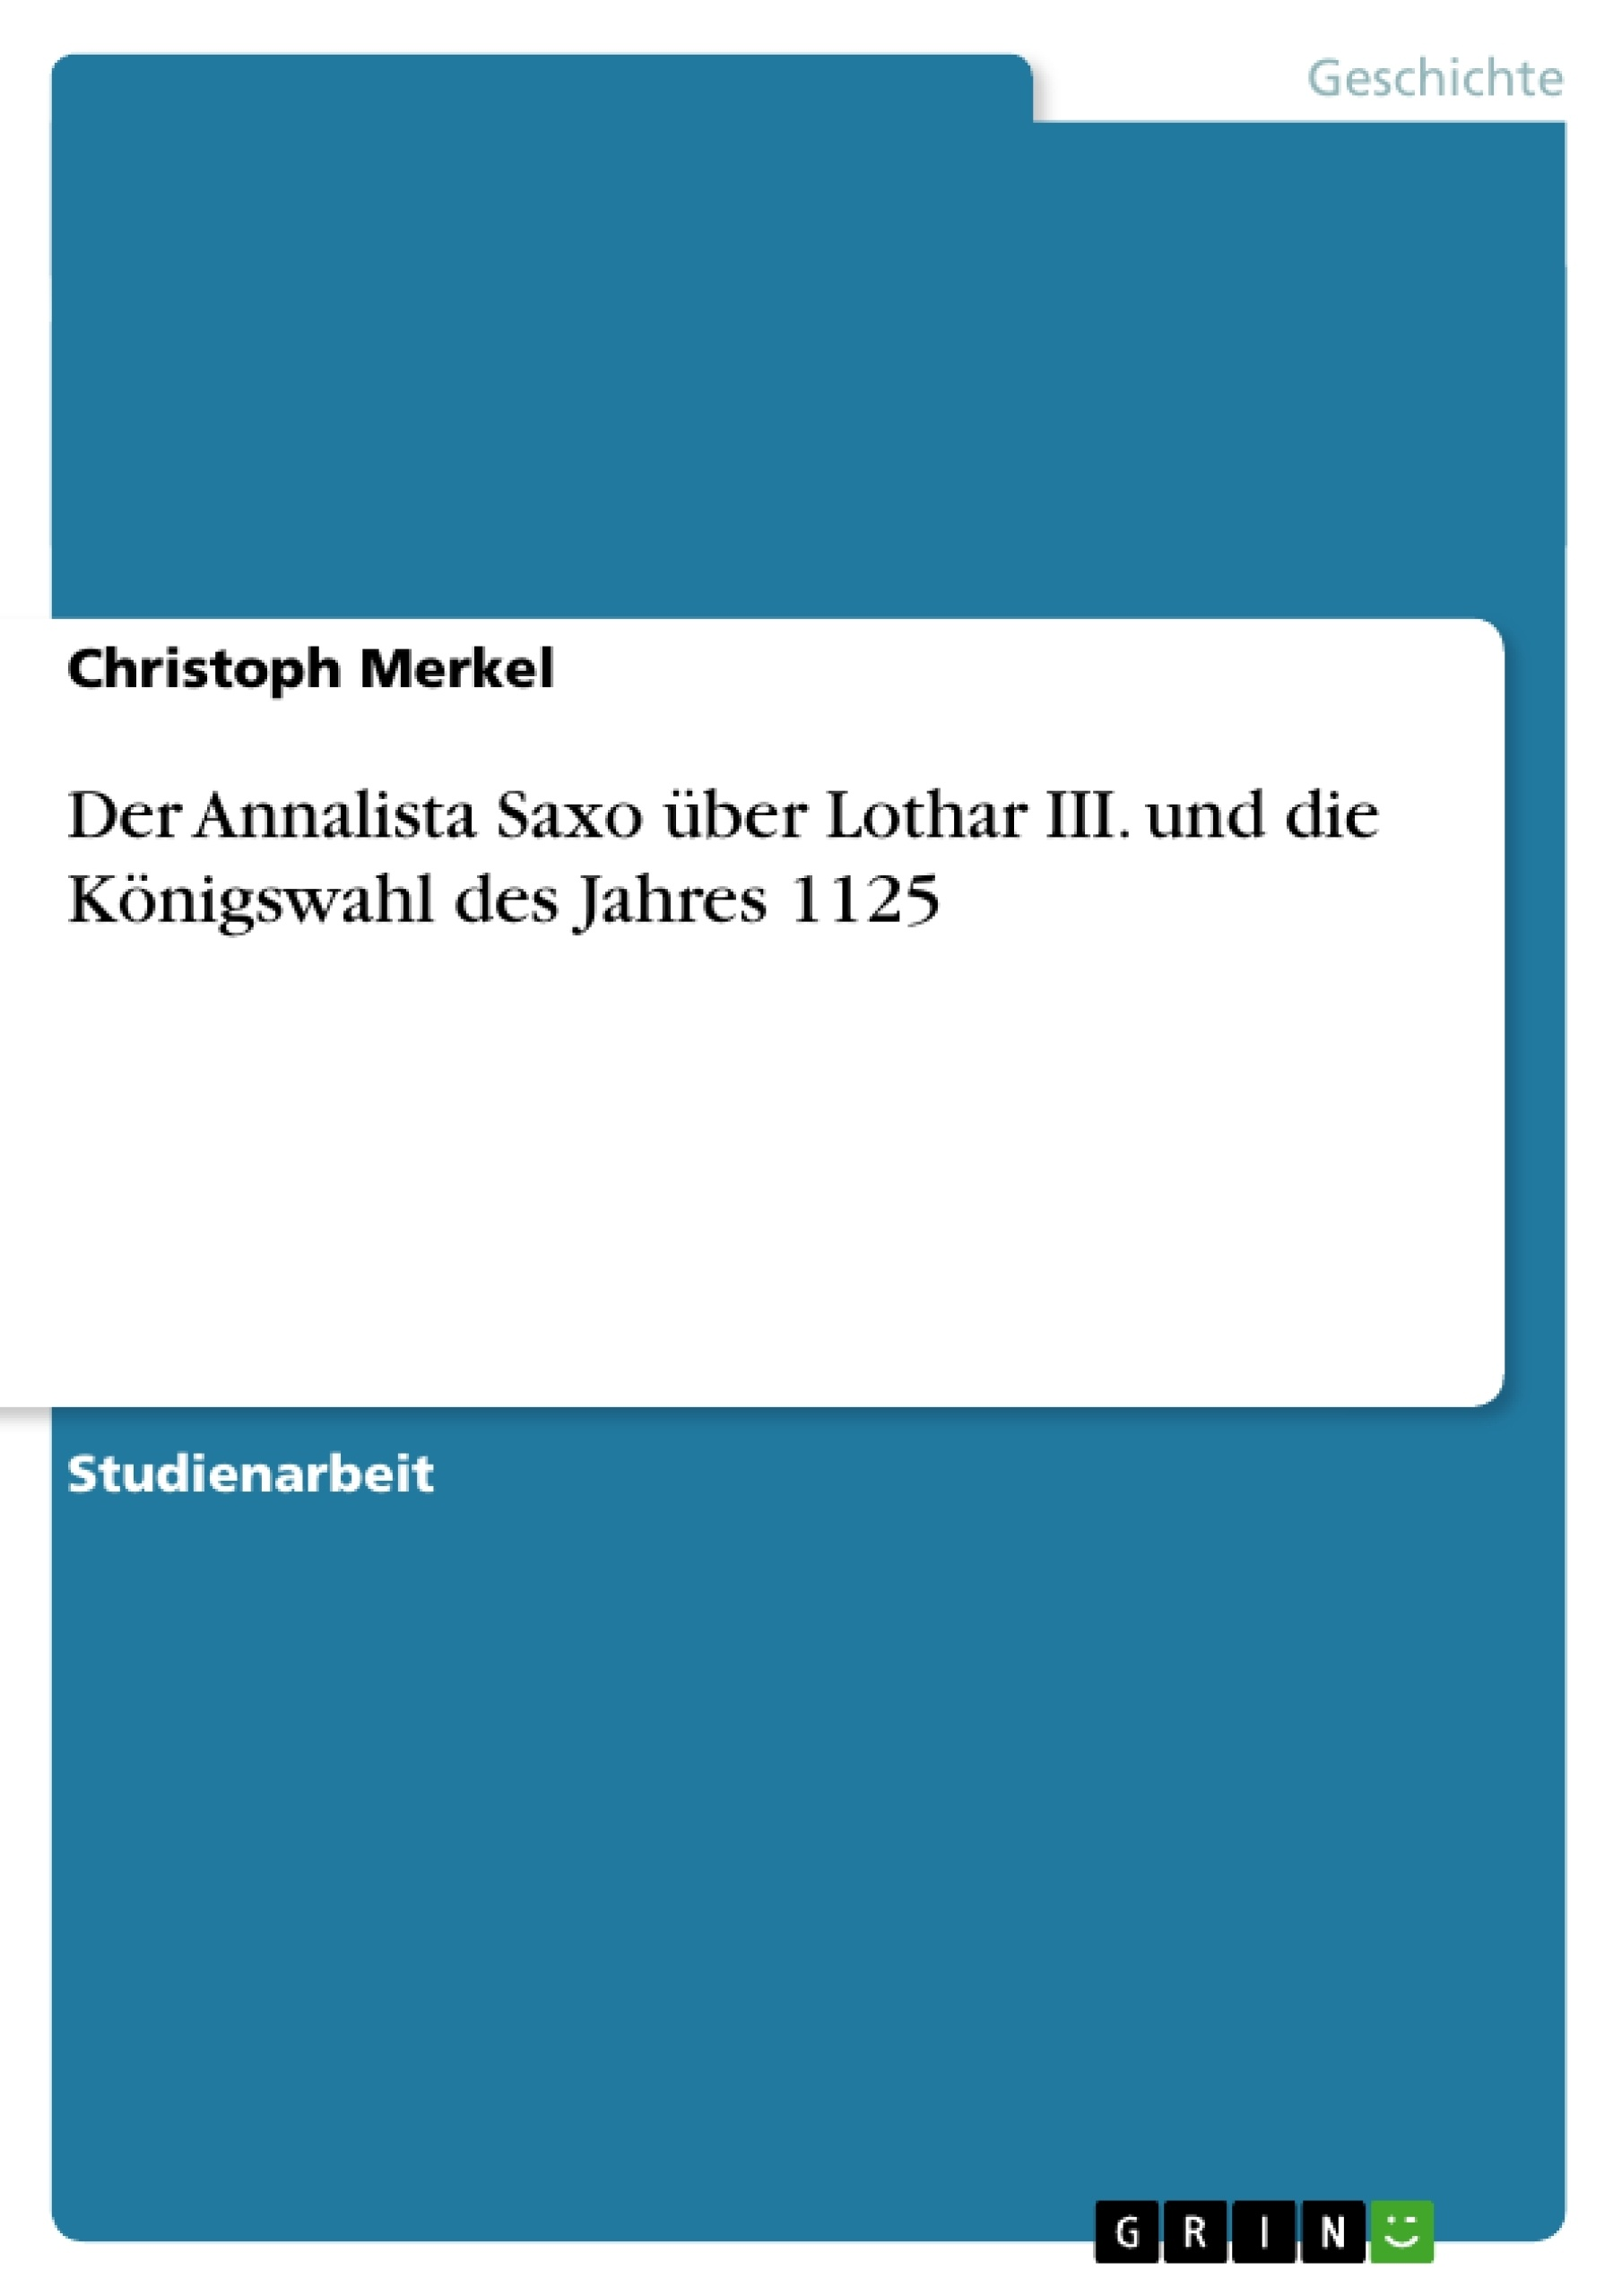 Titel: Der Annalista Saxo über Lothar III. und die Königswahl des Jahres 1125